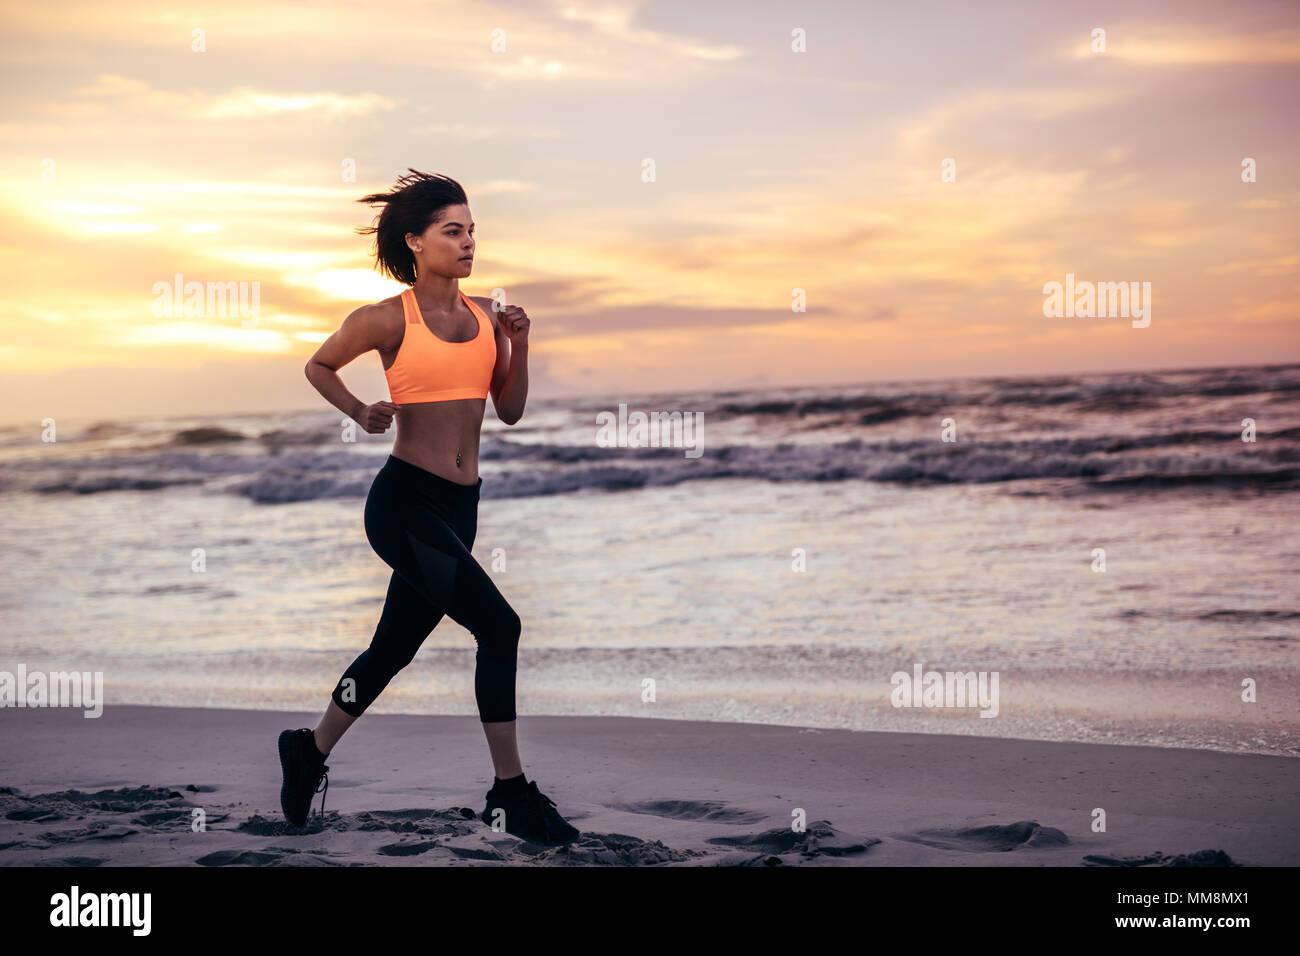 Donna atleta che corre lungo la spiaggia di mattina. Donna in costume in esecuzione in volata sulla riva del mare. Immagini Stock